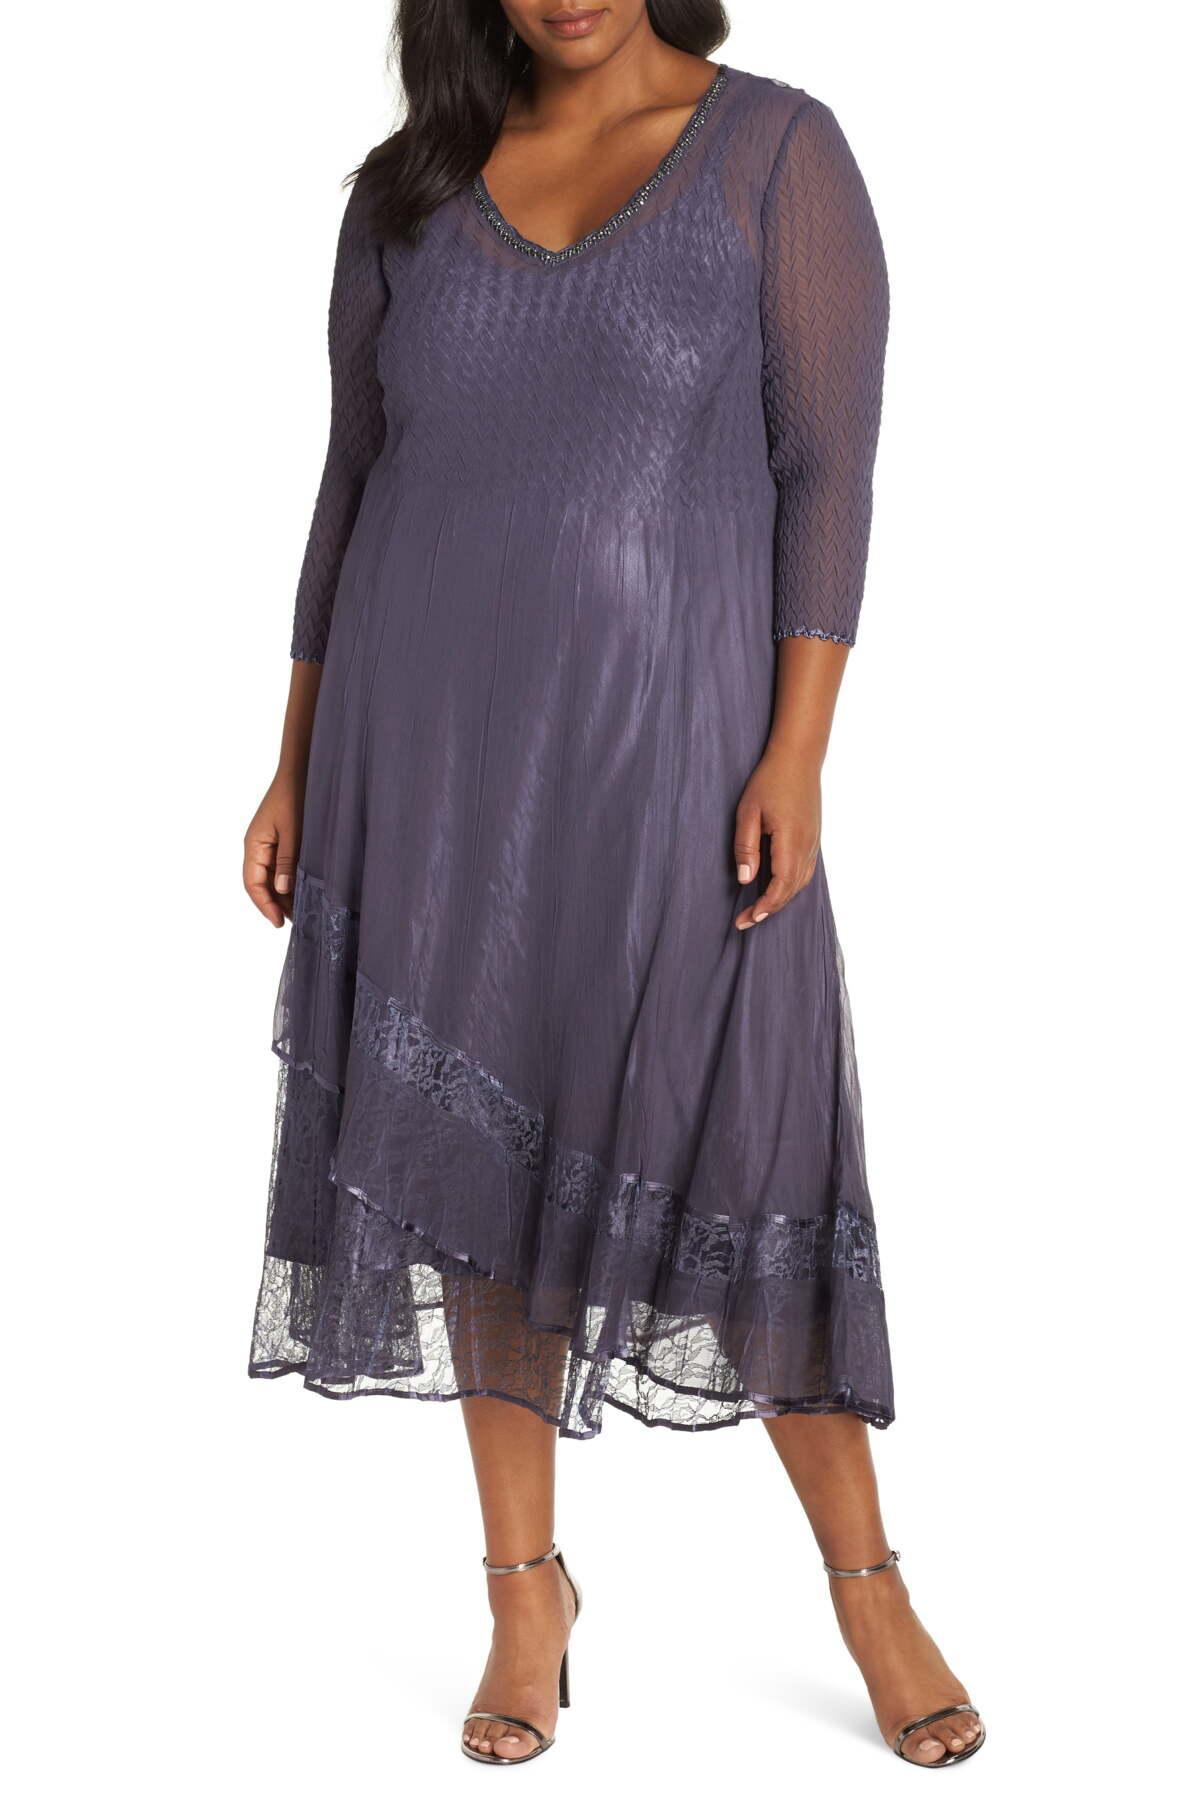 2f6cea355e Lyst - Komarov Asymmetric Lace Hem Dress (plus Size) in Purple ...